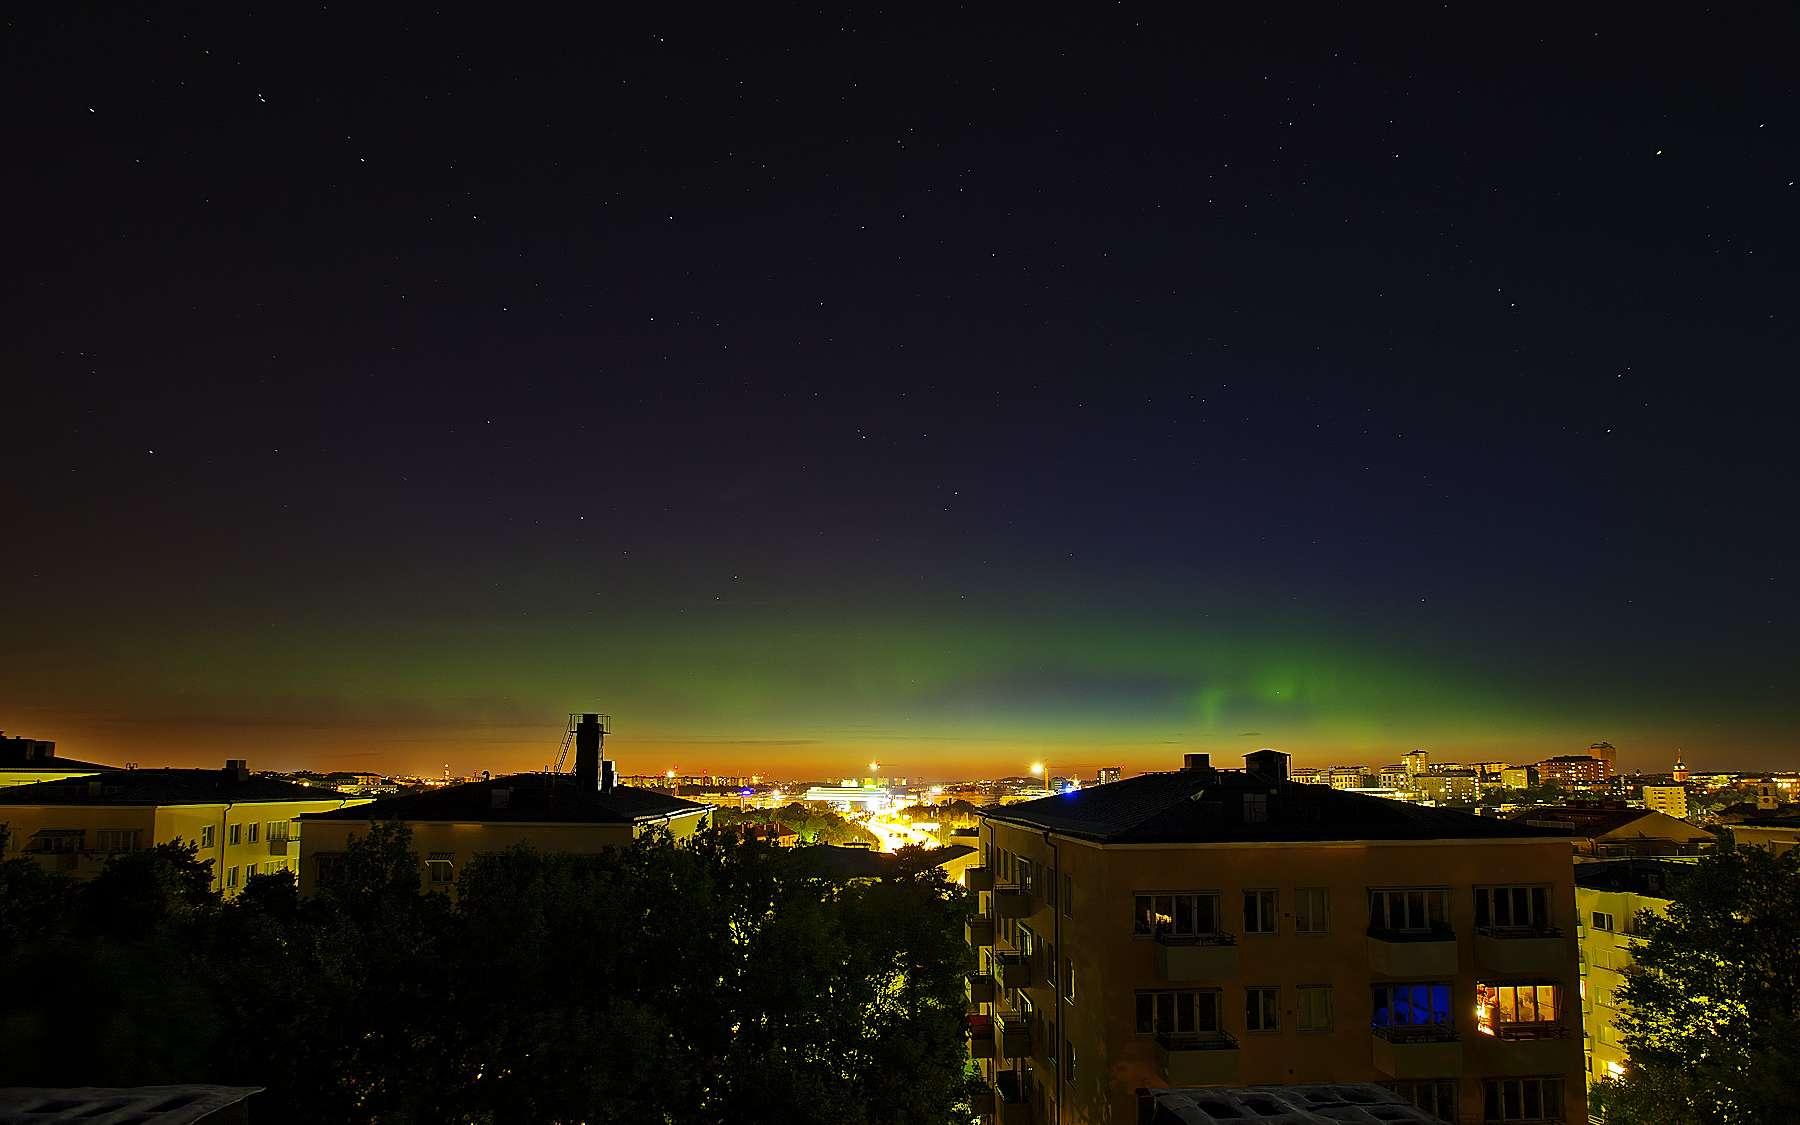 Les lueurs boréales au-dessus de Stockholm (Suède), le 5 août à 1 h 36 (heure locale, identique l'heure française), une image publiée sur le site Spaceweather. © Peter Rosén